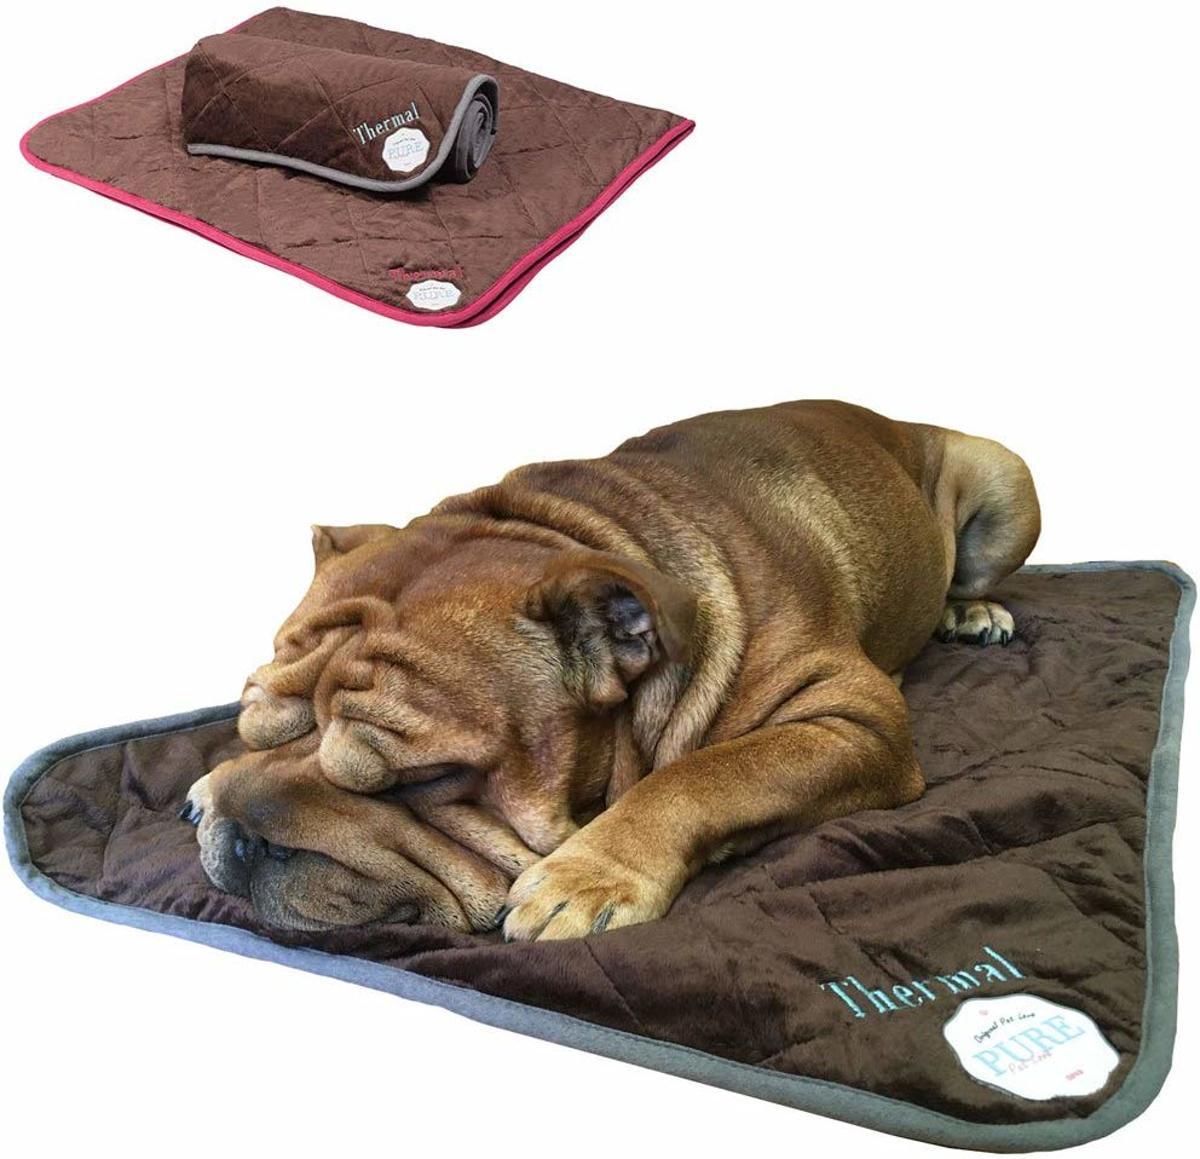 Rexa® Zelfverwarmende thermische deken voor honden 90 x 30 cm  | Wasbaar kussen dieren deken hondendeken |  Thermo mat hondenkussen dierenkussen kopen